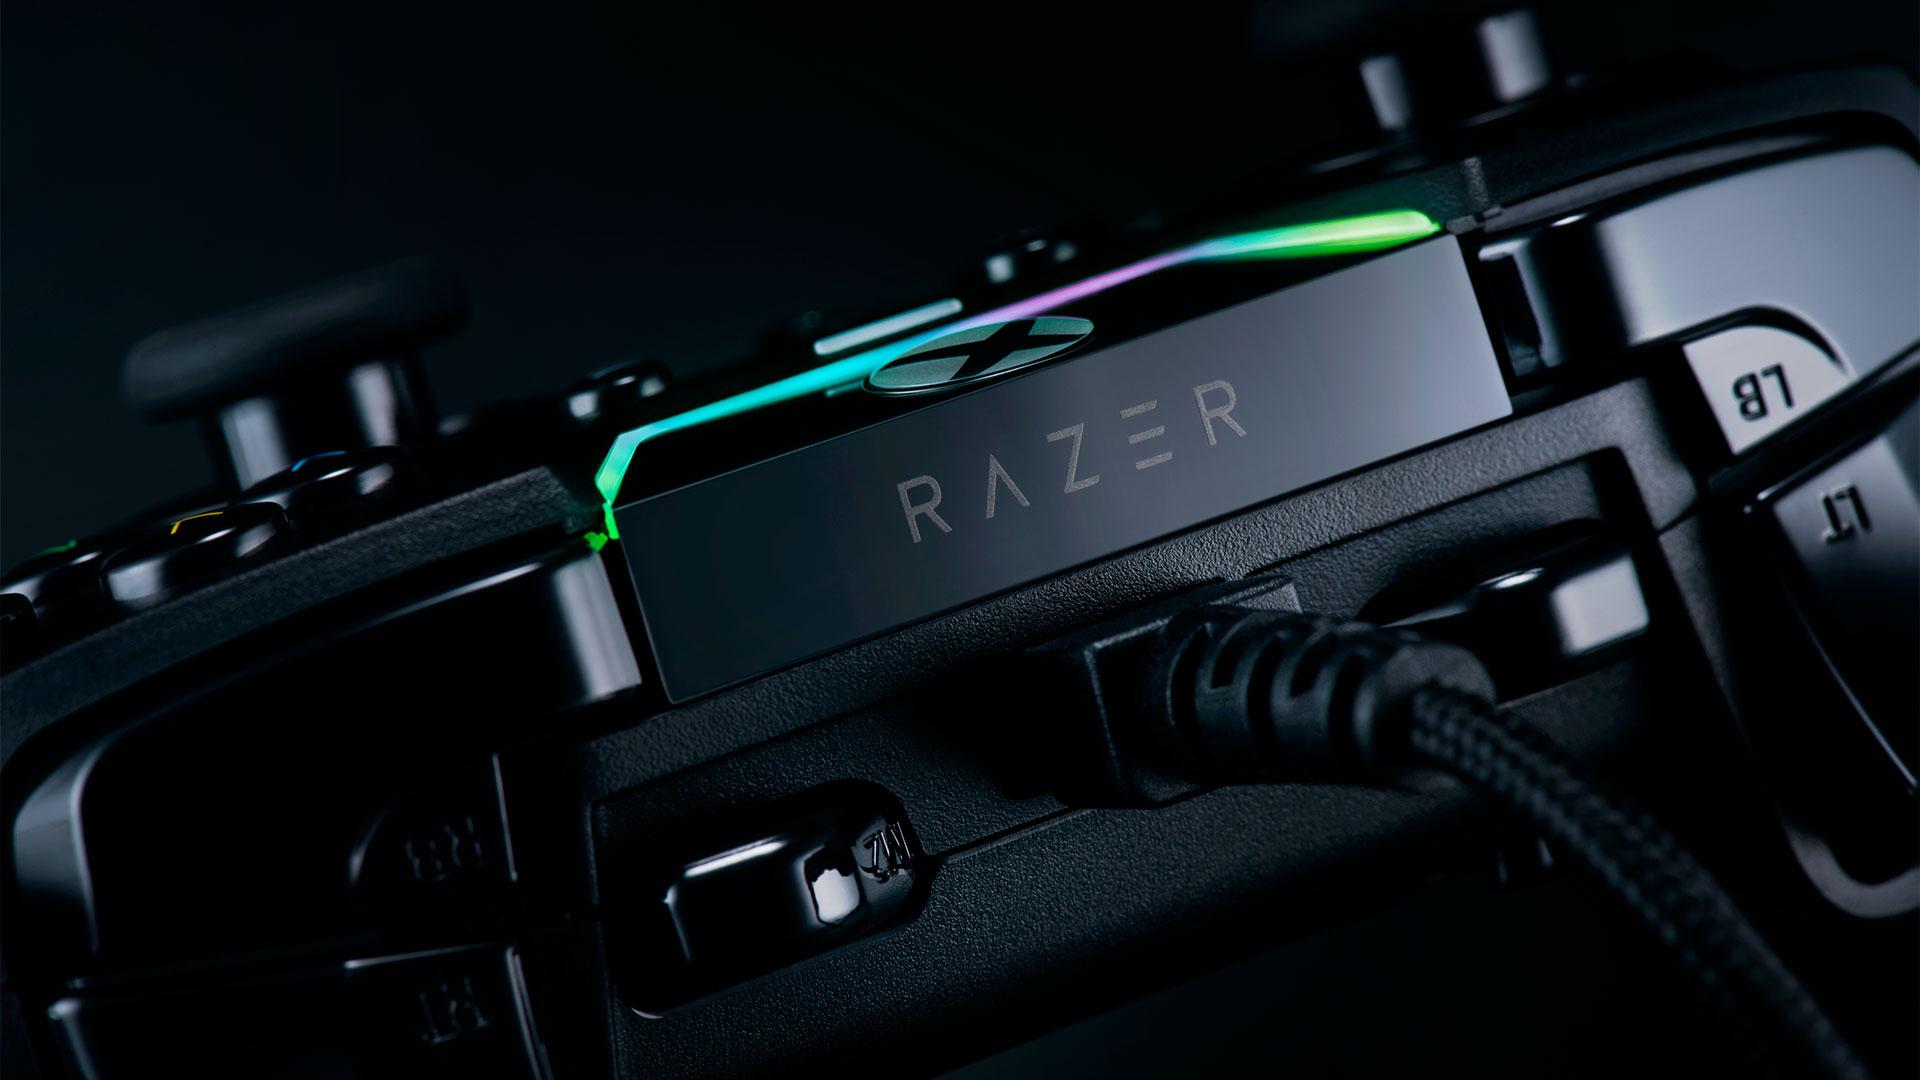 Razer Wolverine Tournament Edition